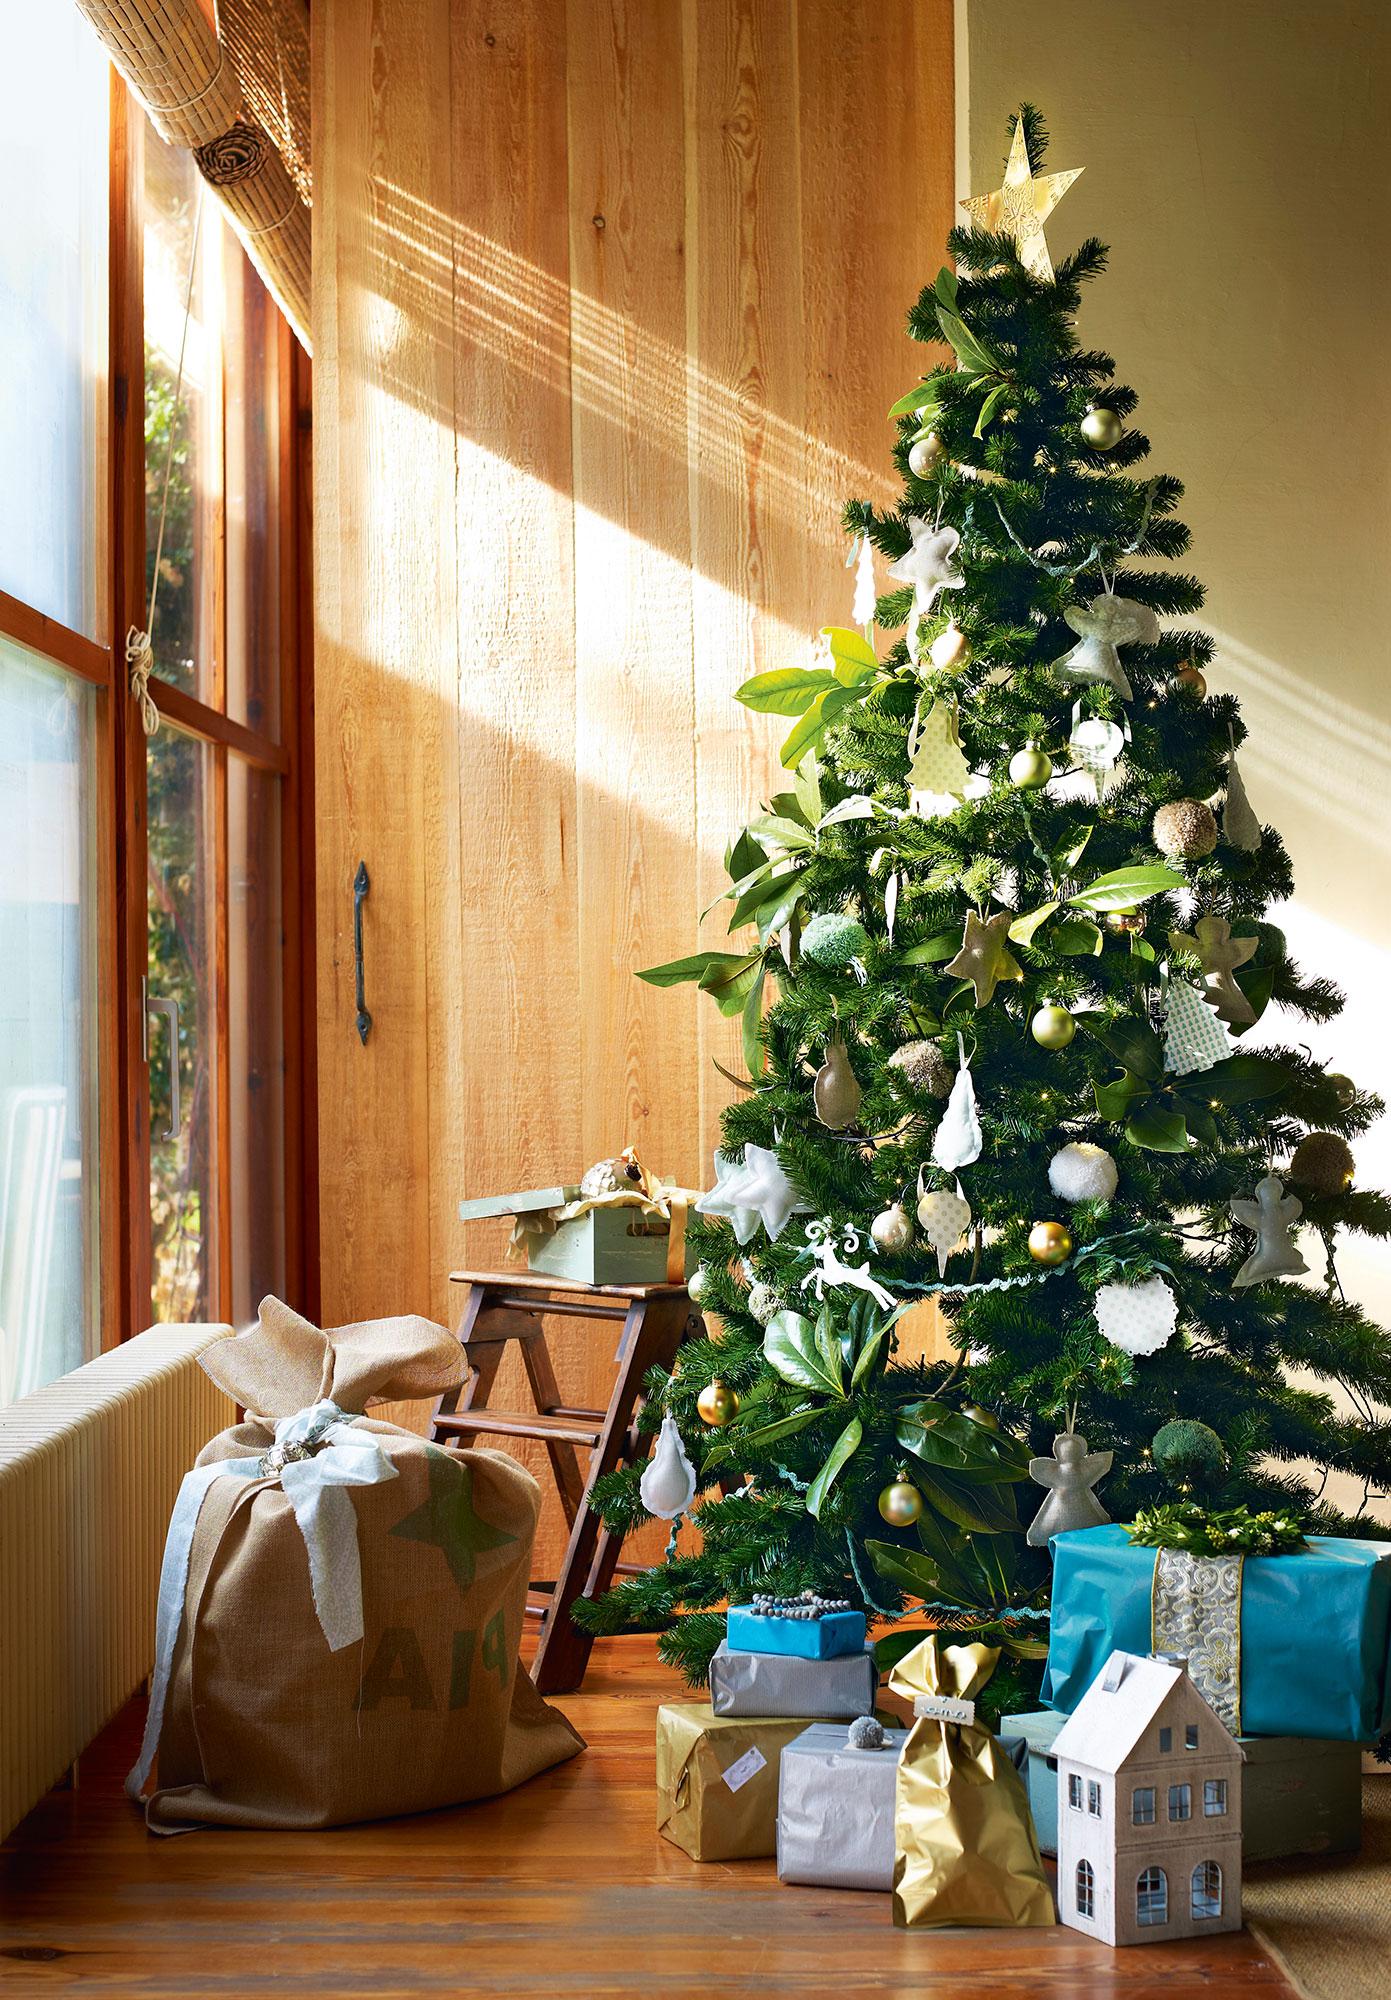 15 ideas para decorar de navidad un piso peque o - Arbol de navidad dorado ...